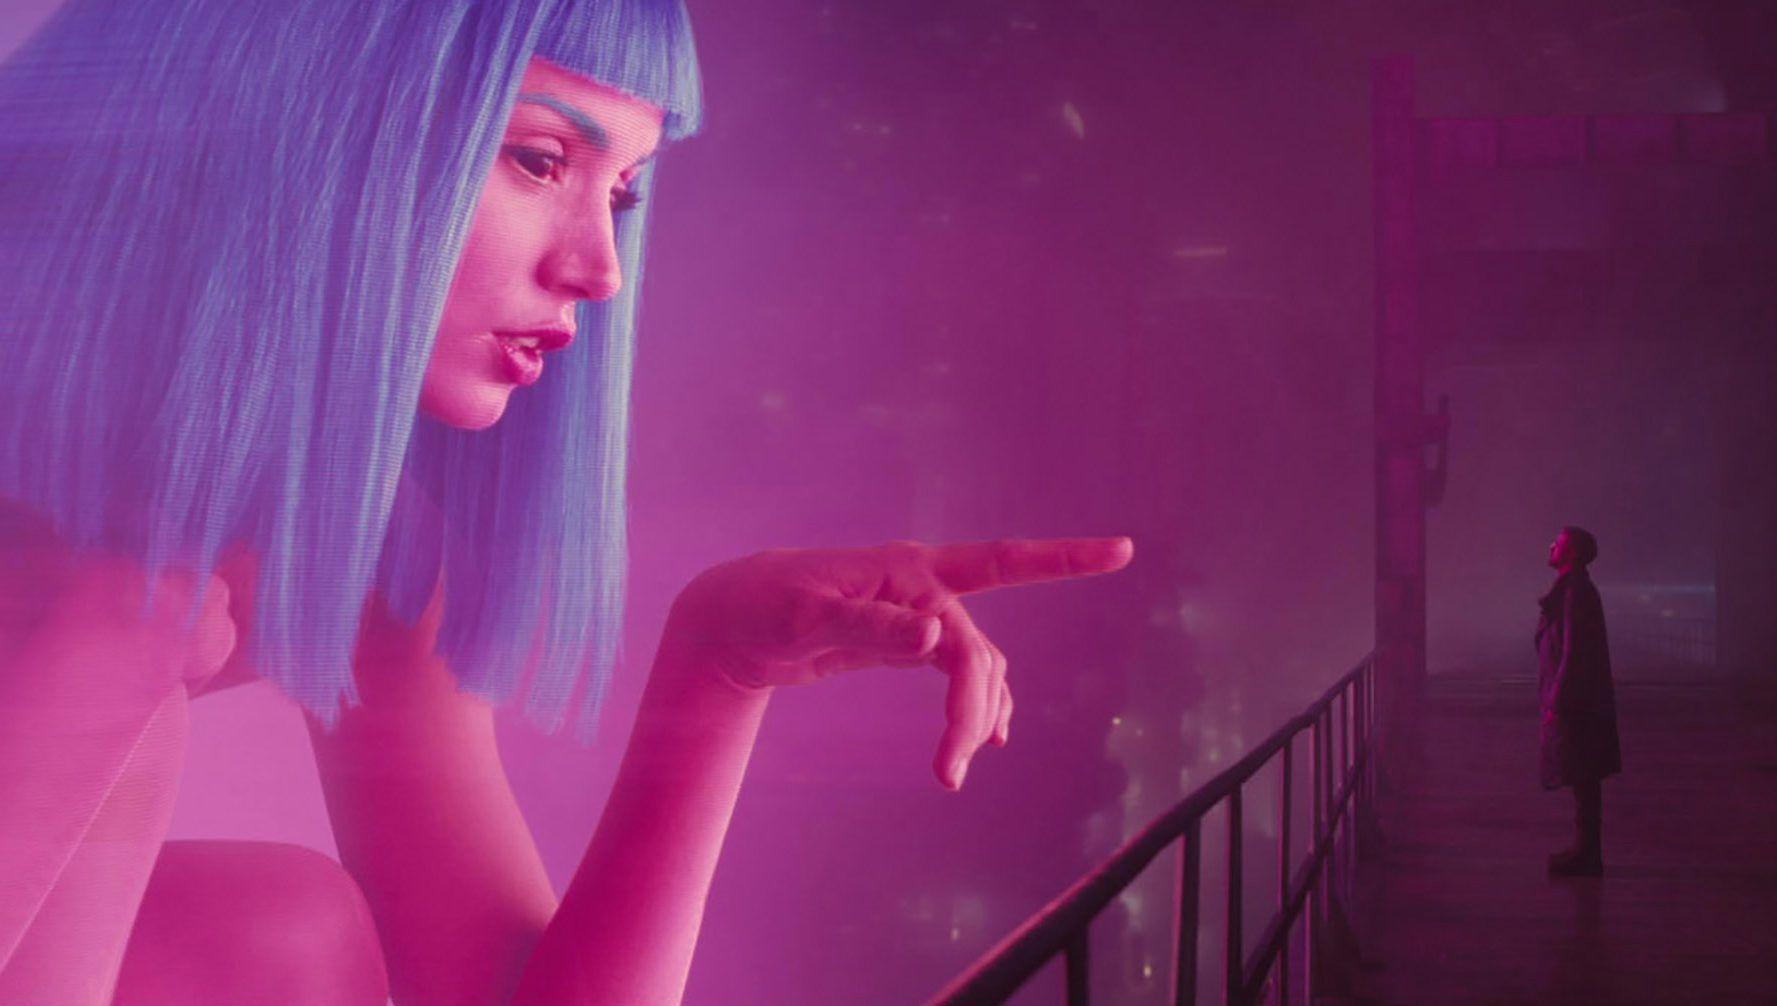 Blade Runner 2049: existencialismo cyberpunk, neo-noir e ...